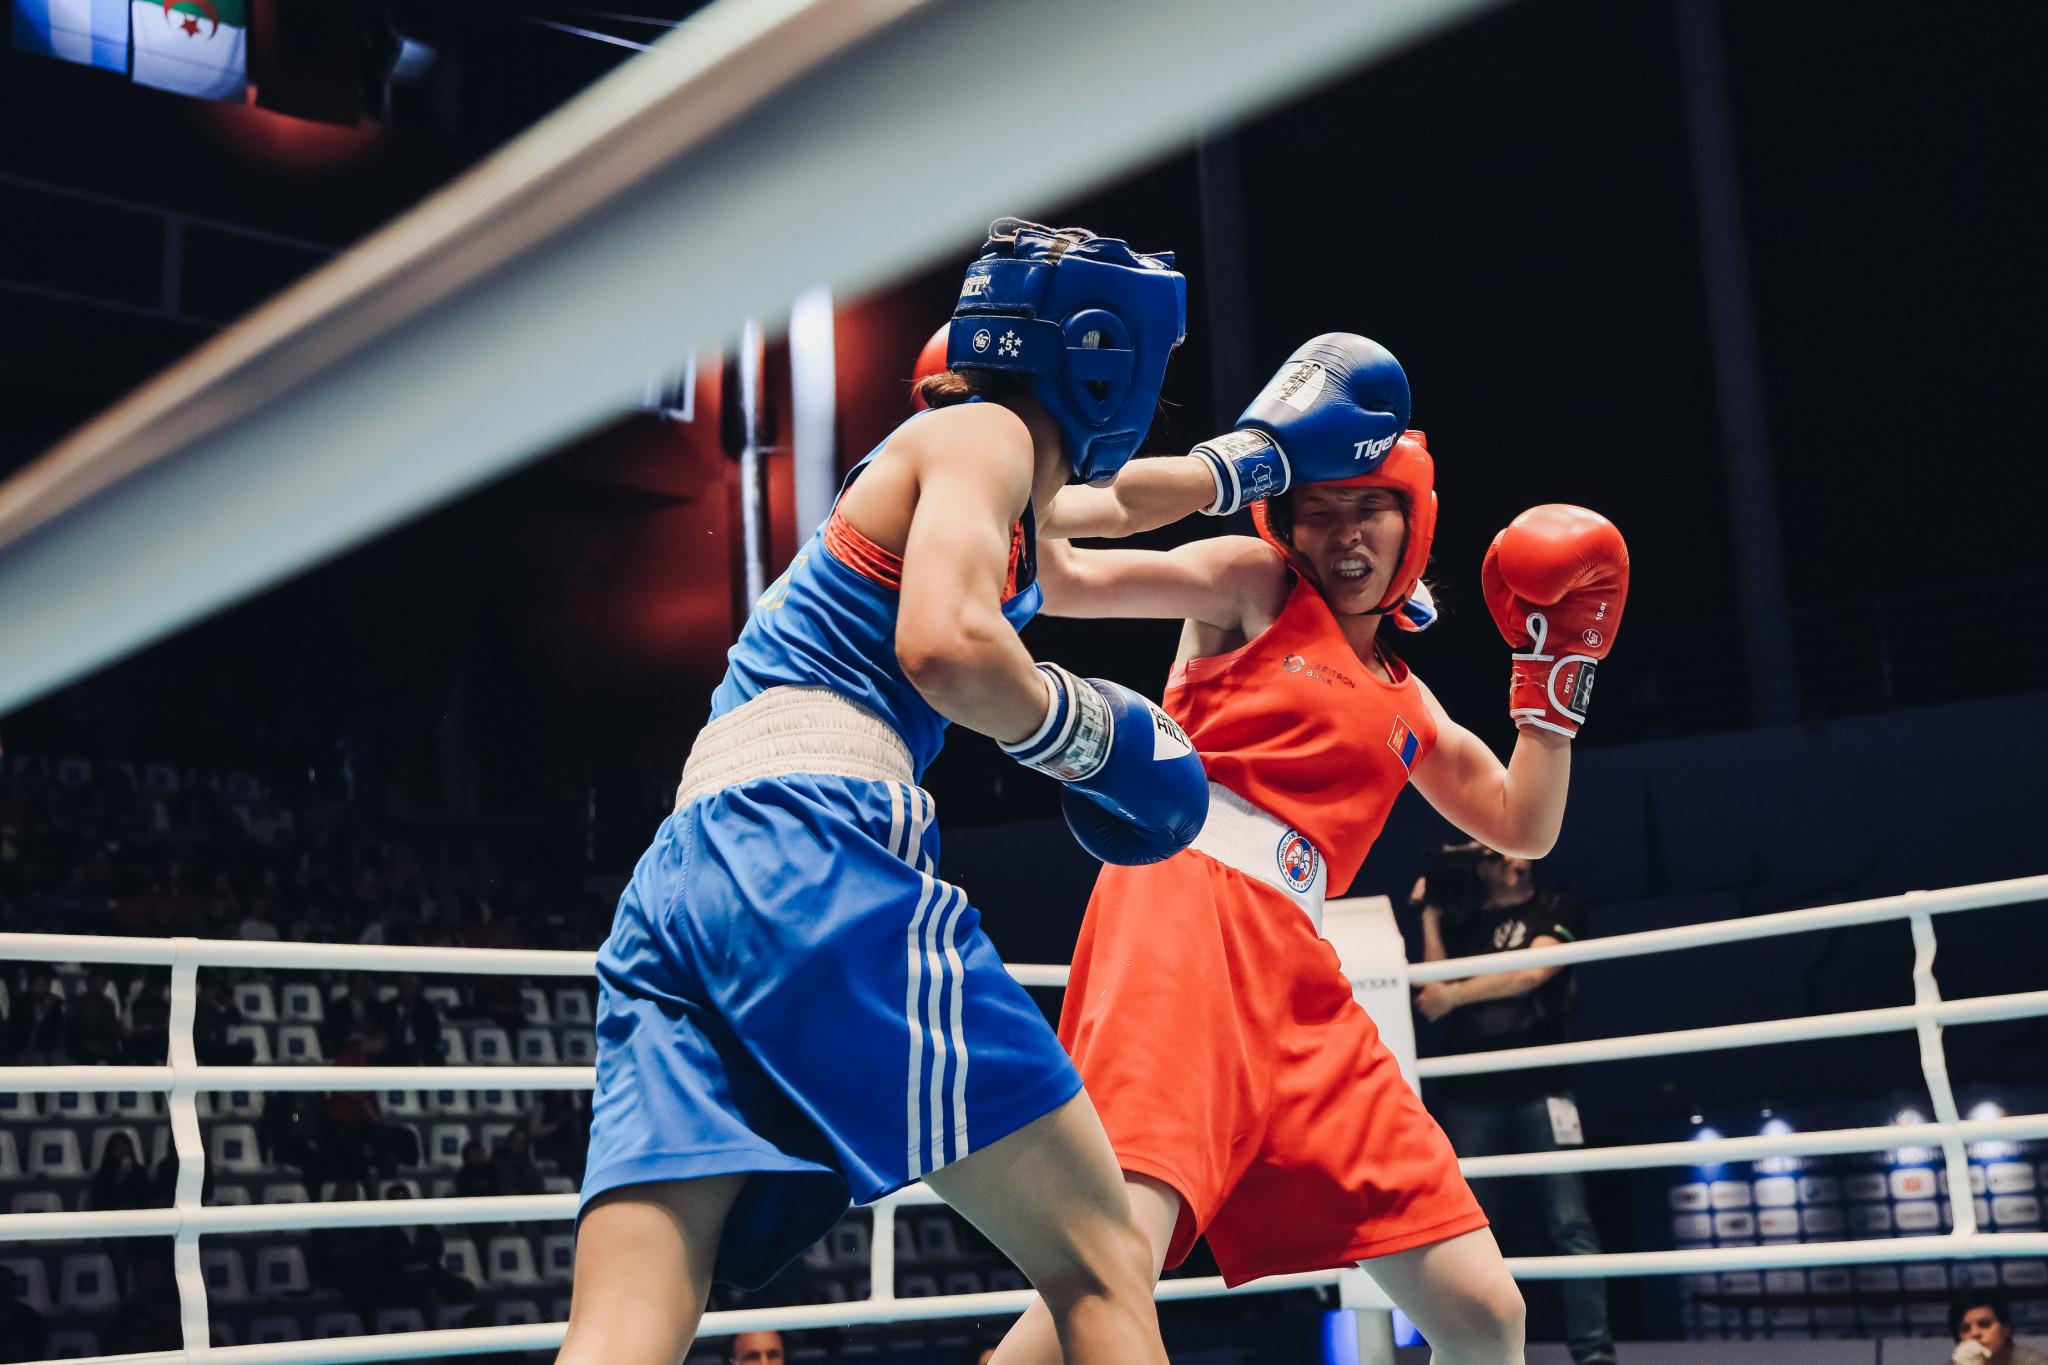 She came up against Allantsetseg Lutsaikhan of Mongolia ©AIBA